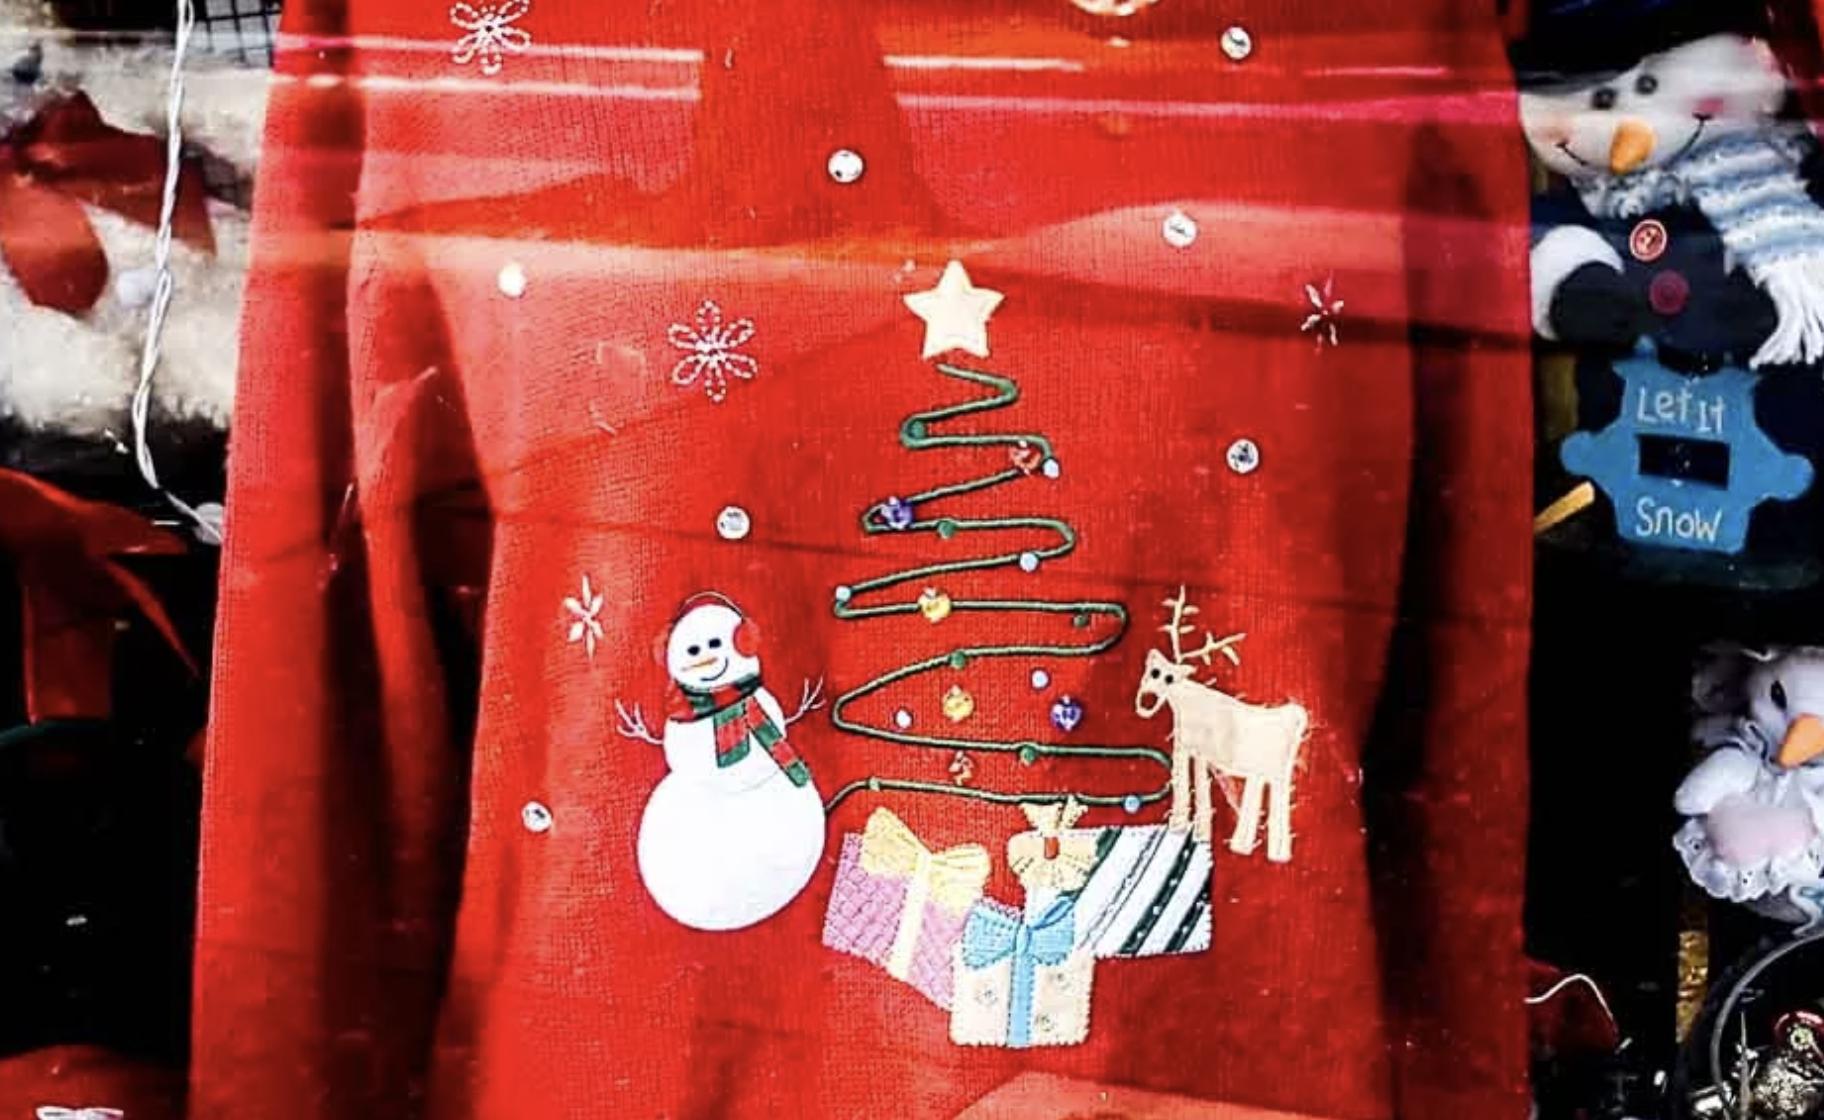 """Bella K. Trägt Auch Einen - Den """"Ugly Christmas Sweater"""". Sie Läßt Sich Damit Fotografieren Und Verschickt Dieses Foto Dann An Alle Ihre Lieben. Der Trend Zum Strick Kommt Ursprünglich Aus England Und Hat Sich Nun Auch Bei Uns Manifestiert: Strickpullover Mit Weihnachtsmännern, Elfen, Schneemännern, Elchen, Rentieren, Und Und Und. Seien Sie Ein Bißchen Wie Hugh Grant (im Film """"Bridget Jones Trägt Er Einen Wunderbaren Weihnachtspullover!) Und Animieren Sie Beim Fotografieren Ihre Kunden, Es Ihm Gleich Zu Tun. Sie Werden Sehen, Das Fotoshooting Wird Gleich Viel Lustiger Werden ;-) Verkaufstipp Für Ihren Webshop: Ziehen Sie Sich Doch Selbst Den Witzigen Und Farbenfrohen Pullover An, Ihre Kunden Werden Sich Das Lachen Nicht Verkneifen Können Und Sie Ihre Verkäufe Steigern. Der """"Tag Des Häßlichsten Weihnachtspullovers"""" Ist 2019 übrigens Am 20. Dezember!"""